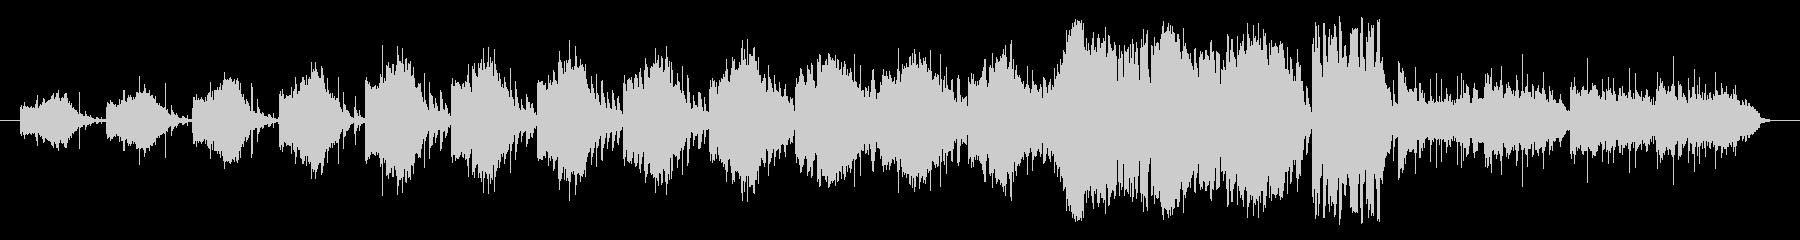 色々な音を組み合わせたリズム形を基調に…の未再生の波形